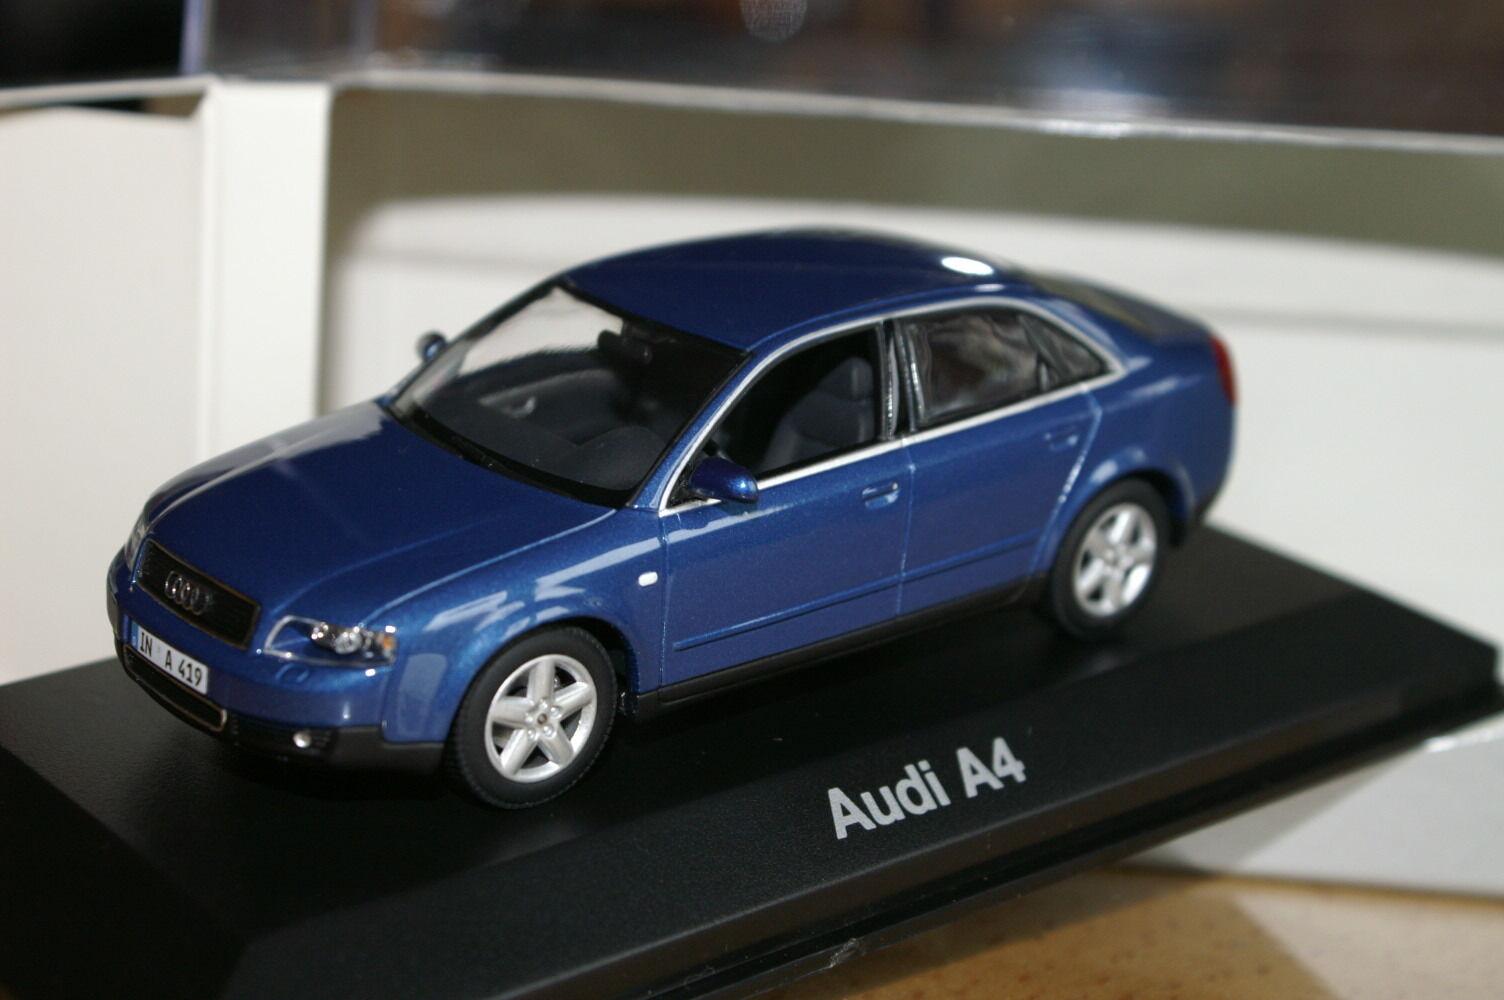 1 43 Audi A4 Blau B6 MINICHAMPS blau 2.3.4.6.8.9.0.5.7.tdi fsi t quattro  | Die erste Reihe von umfassenden Spezifikationen für Kunden